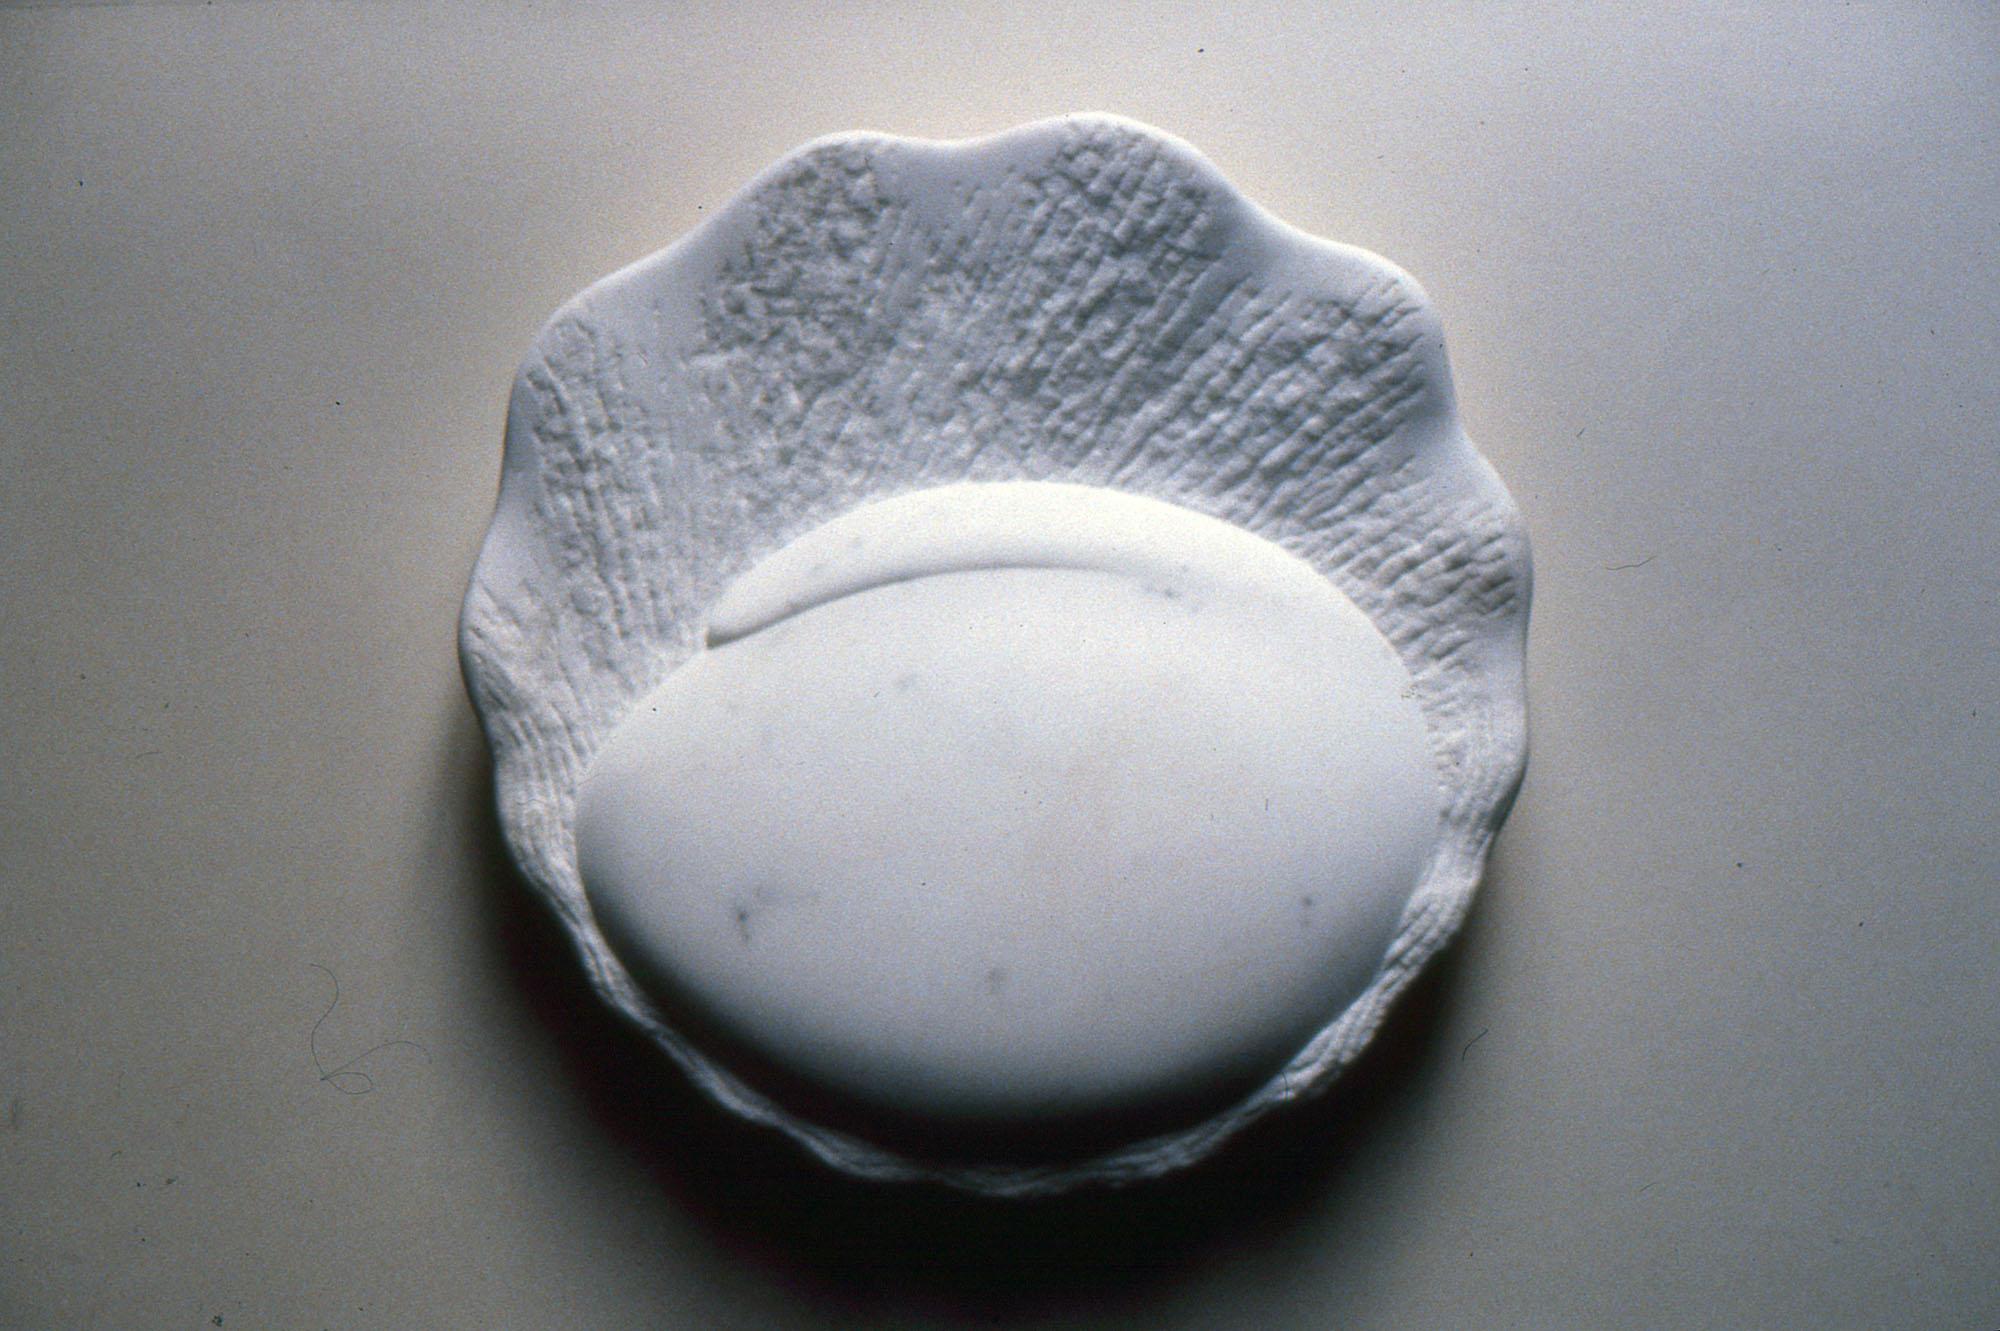 Tondo:Birth of Venus, 1983